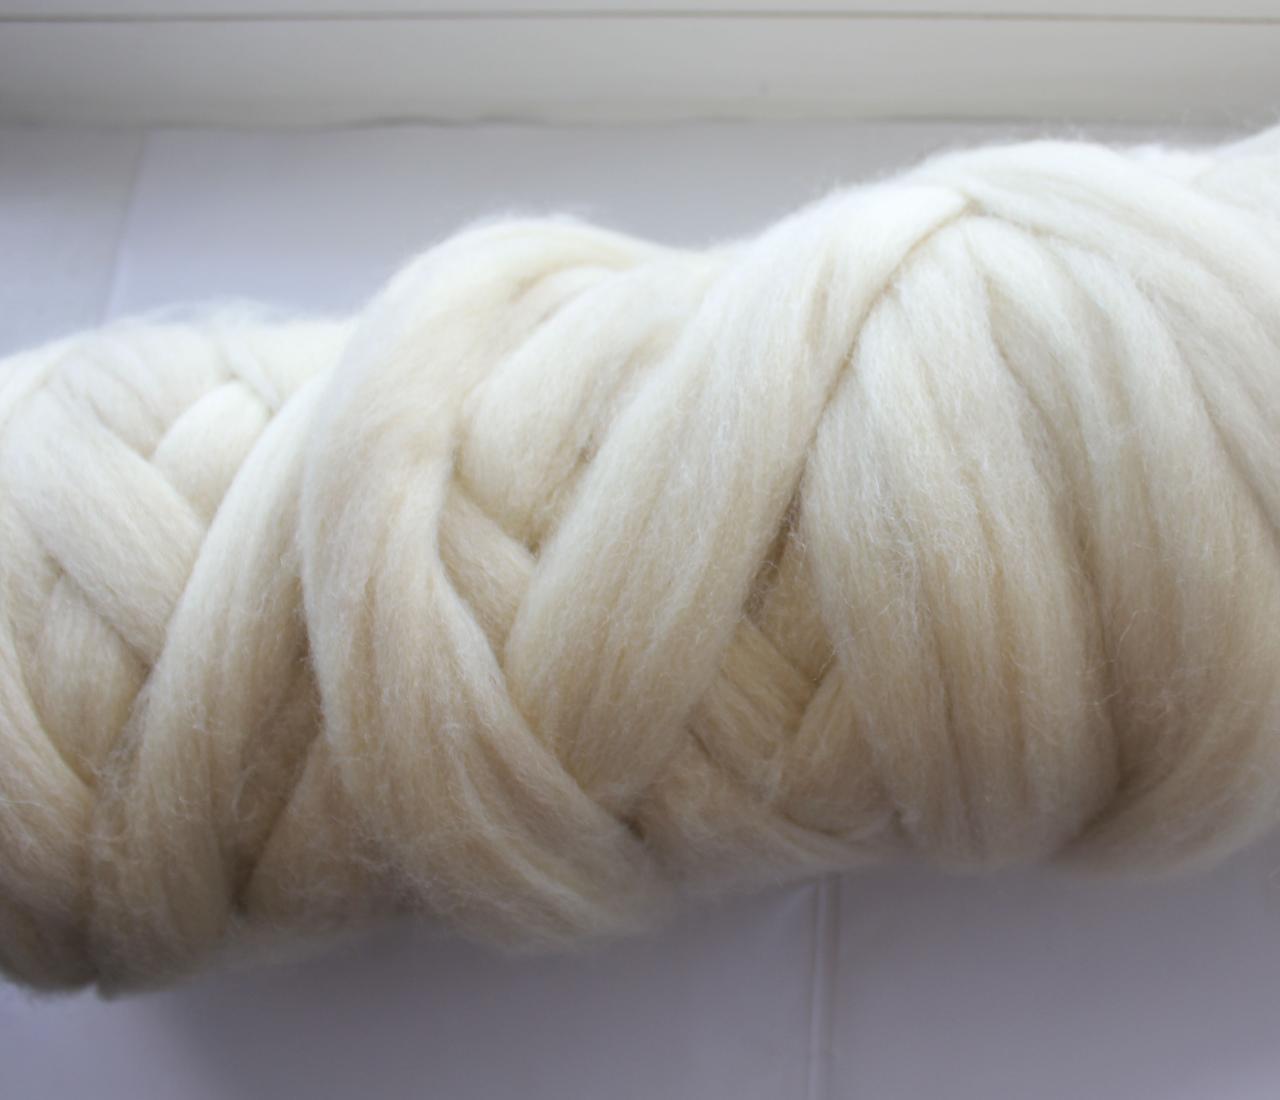 Толстая, крупная пряжа 100% шерсть 100г (4м). 26 мкрн. Цвет: Суровый. Топс. Лента для пледов.